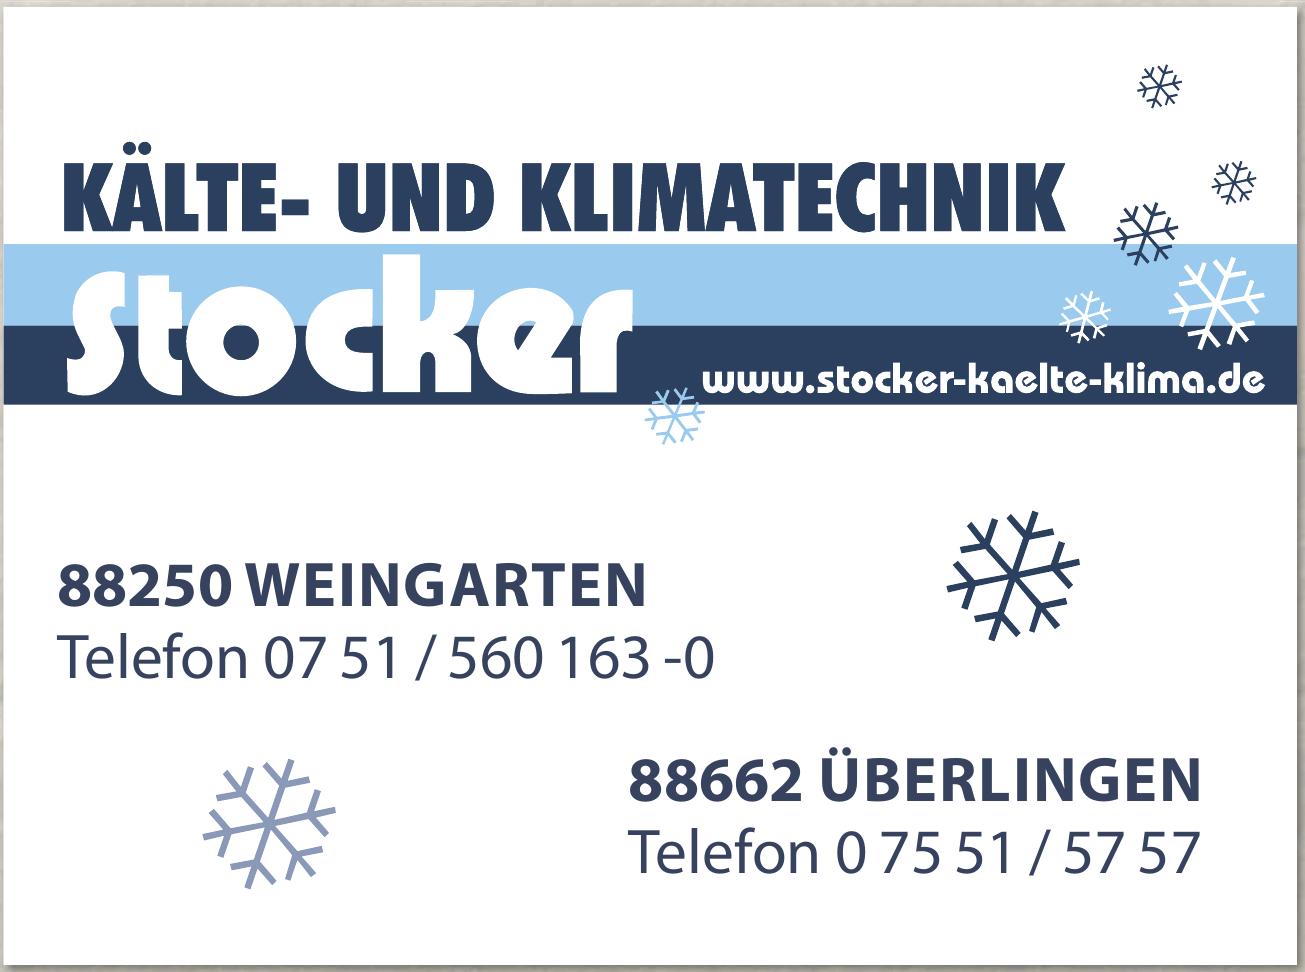 Stocker Kälte- und Klimatechnik